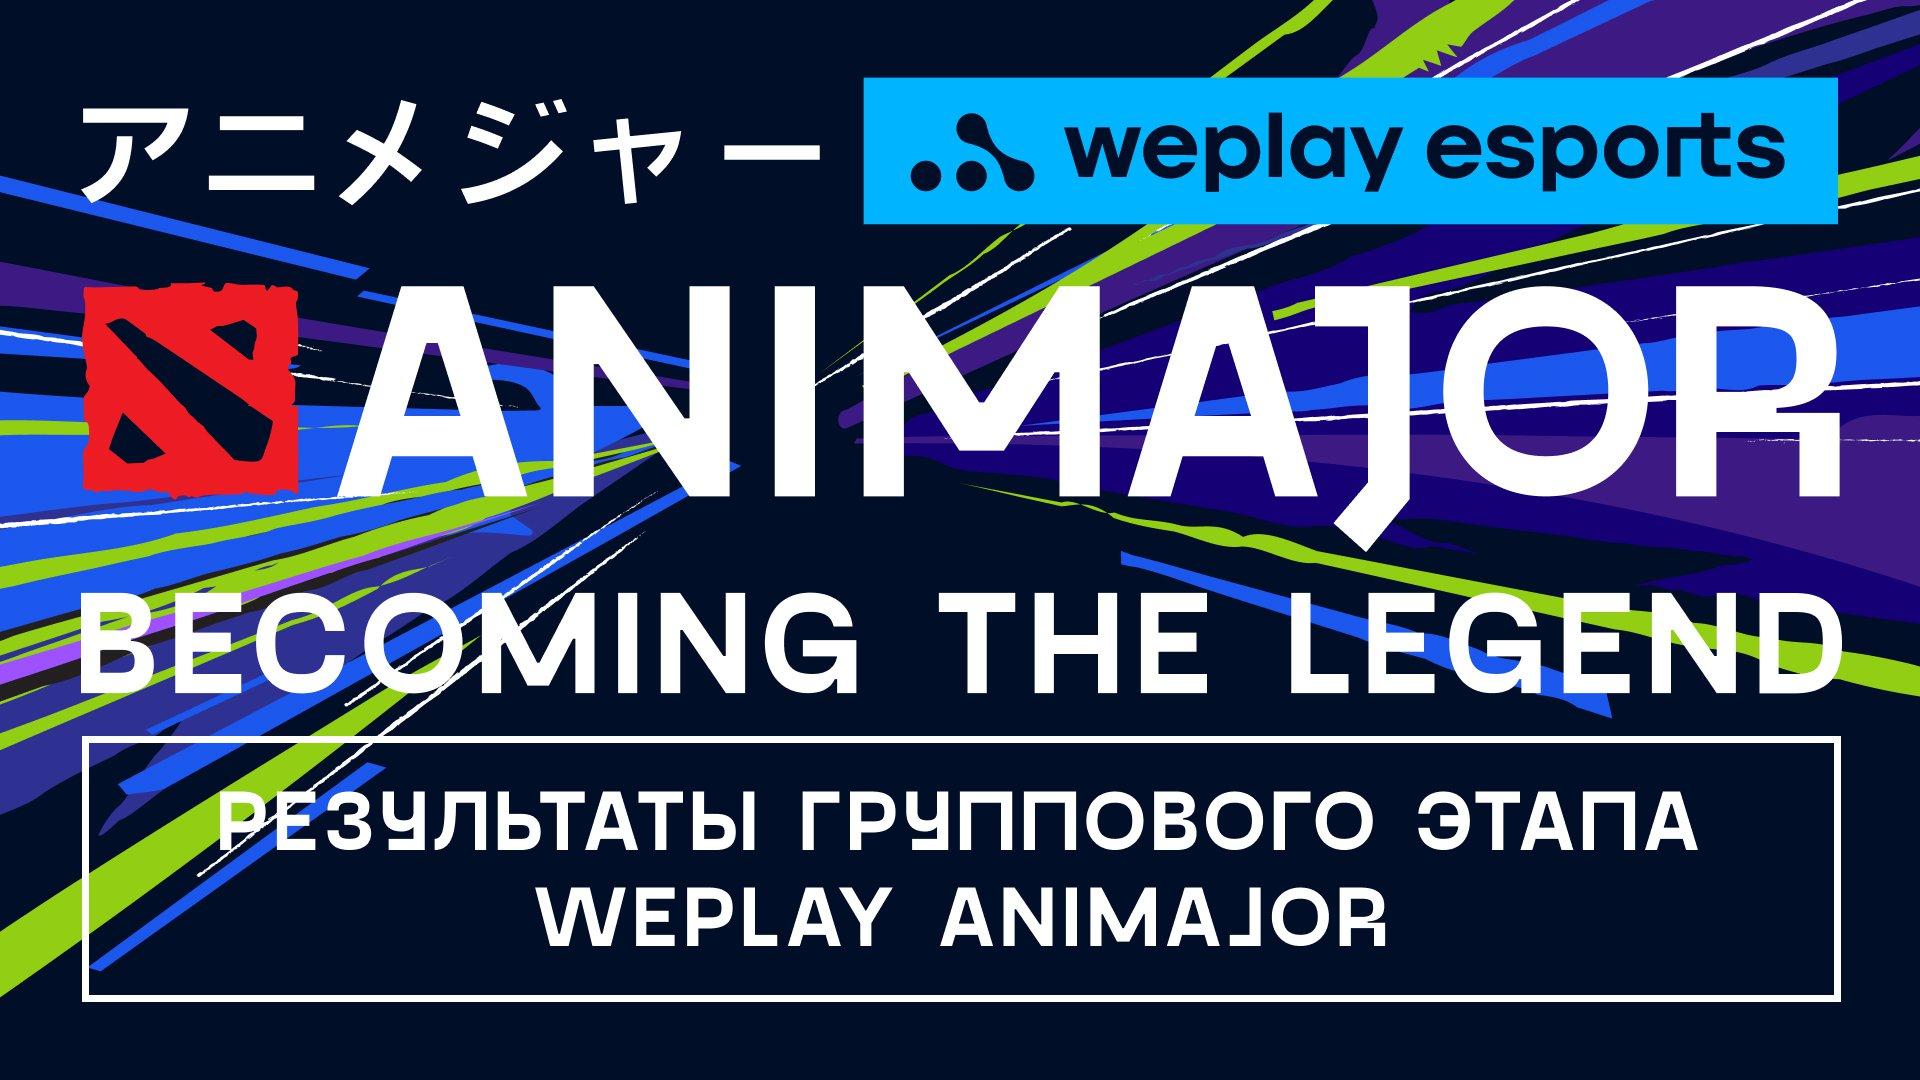 Результаты группового этапа WePlay AniMajor. Изображение: WePlay Esports